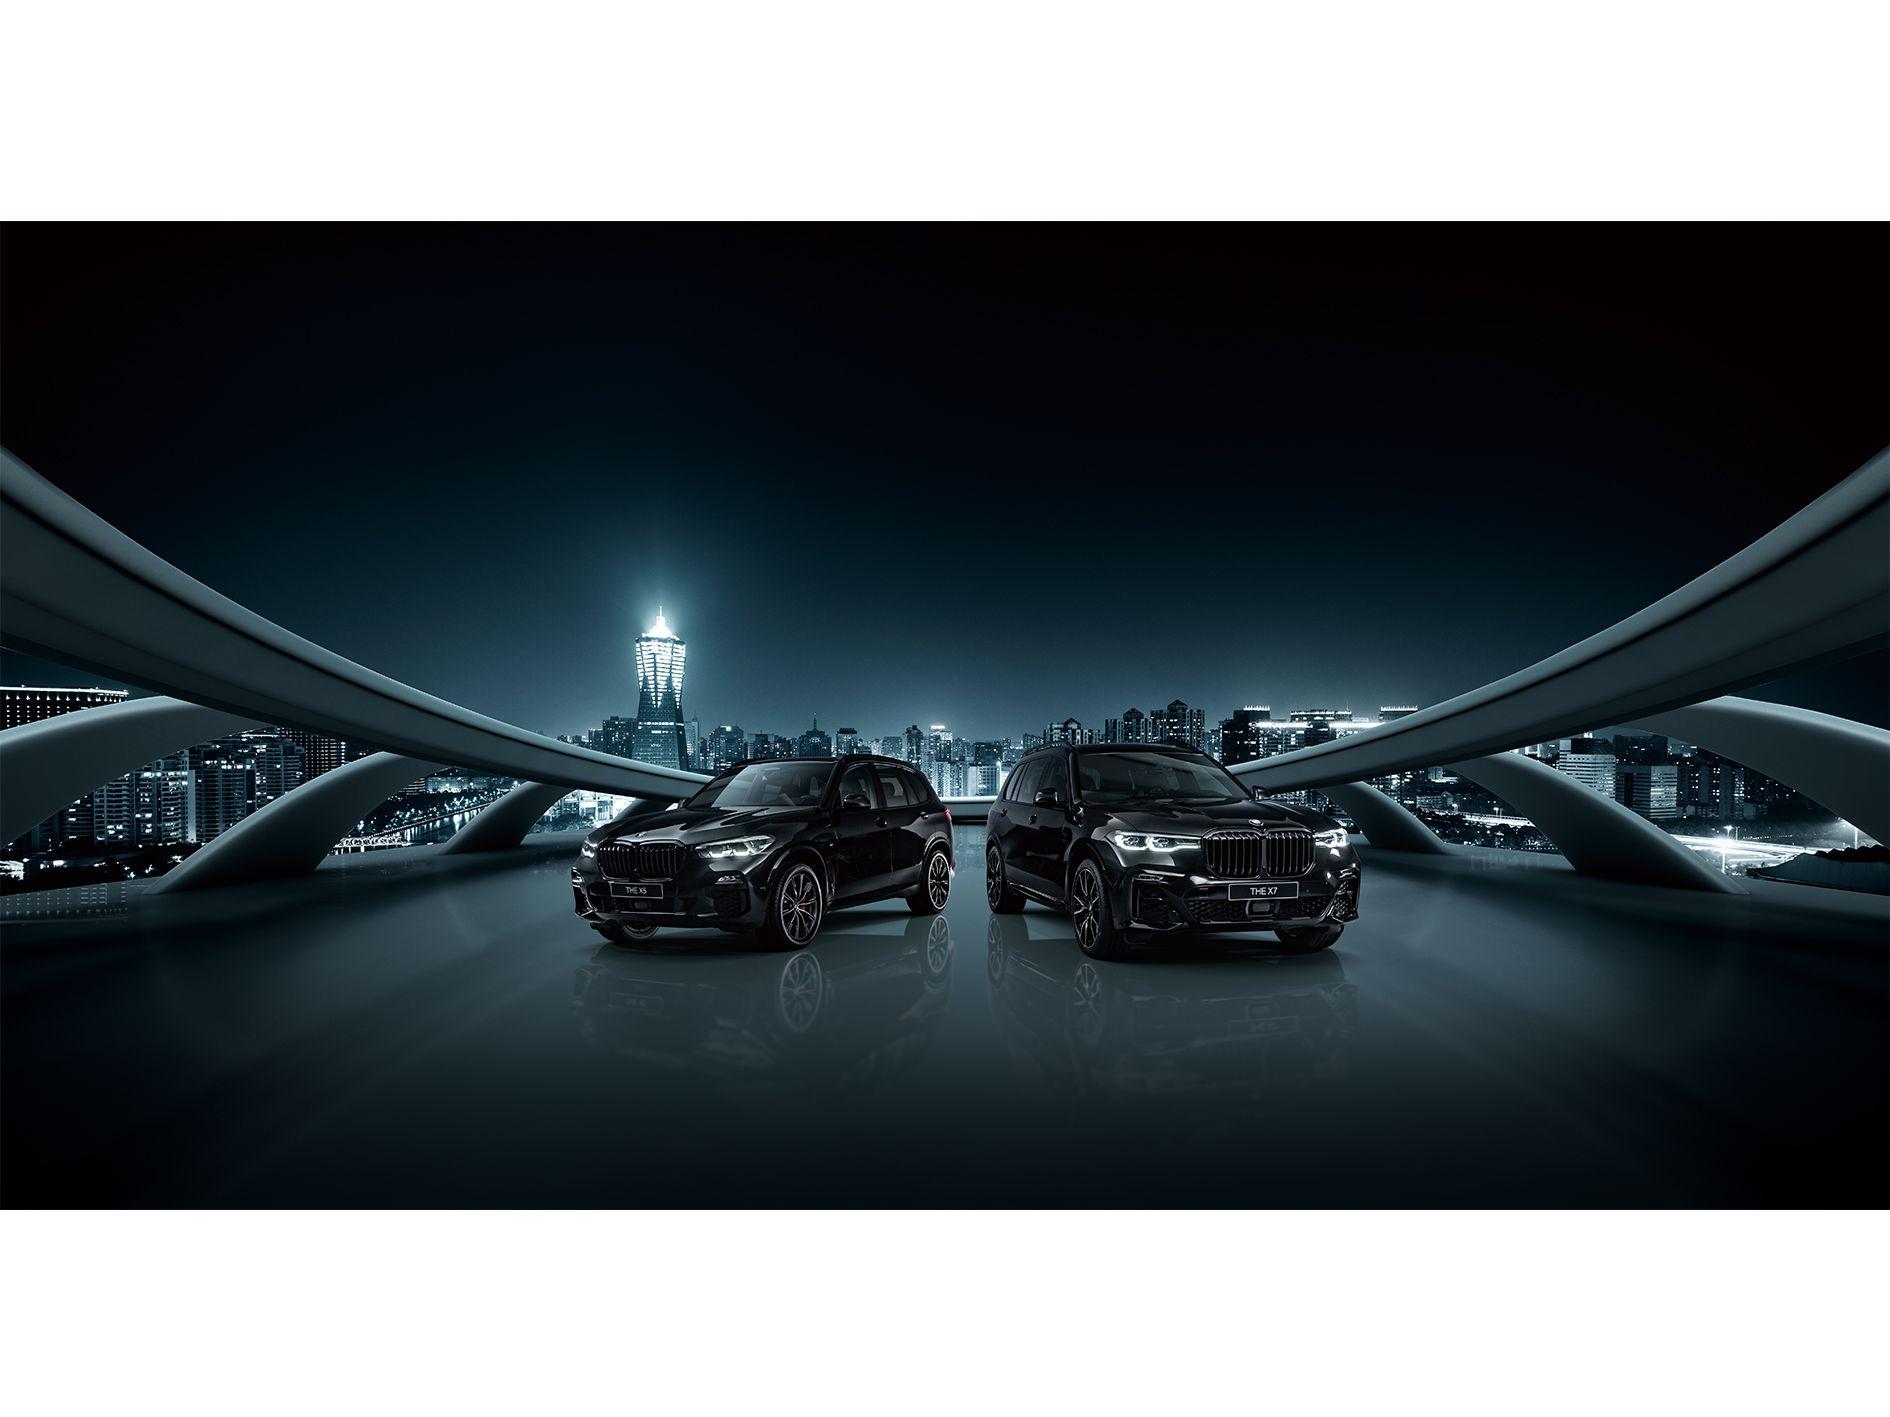 2021全新BMW 曜黑版大膽亮相!全新 BMW X5、X7 Dark Knight Edition 展現唯我獨行的酷傲美學